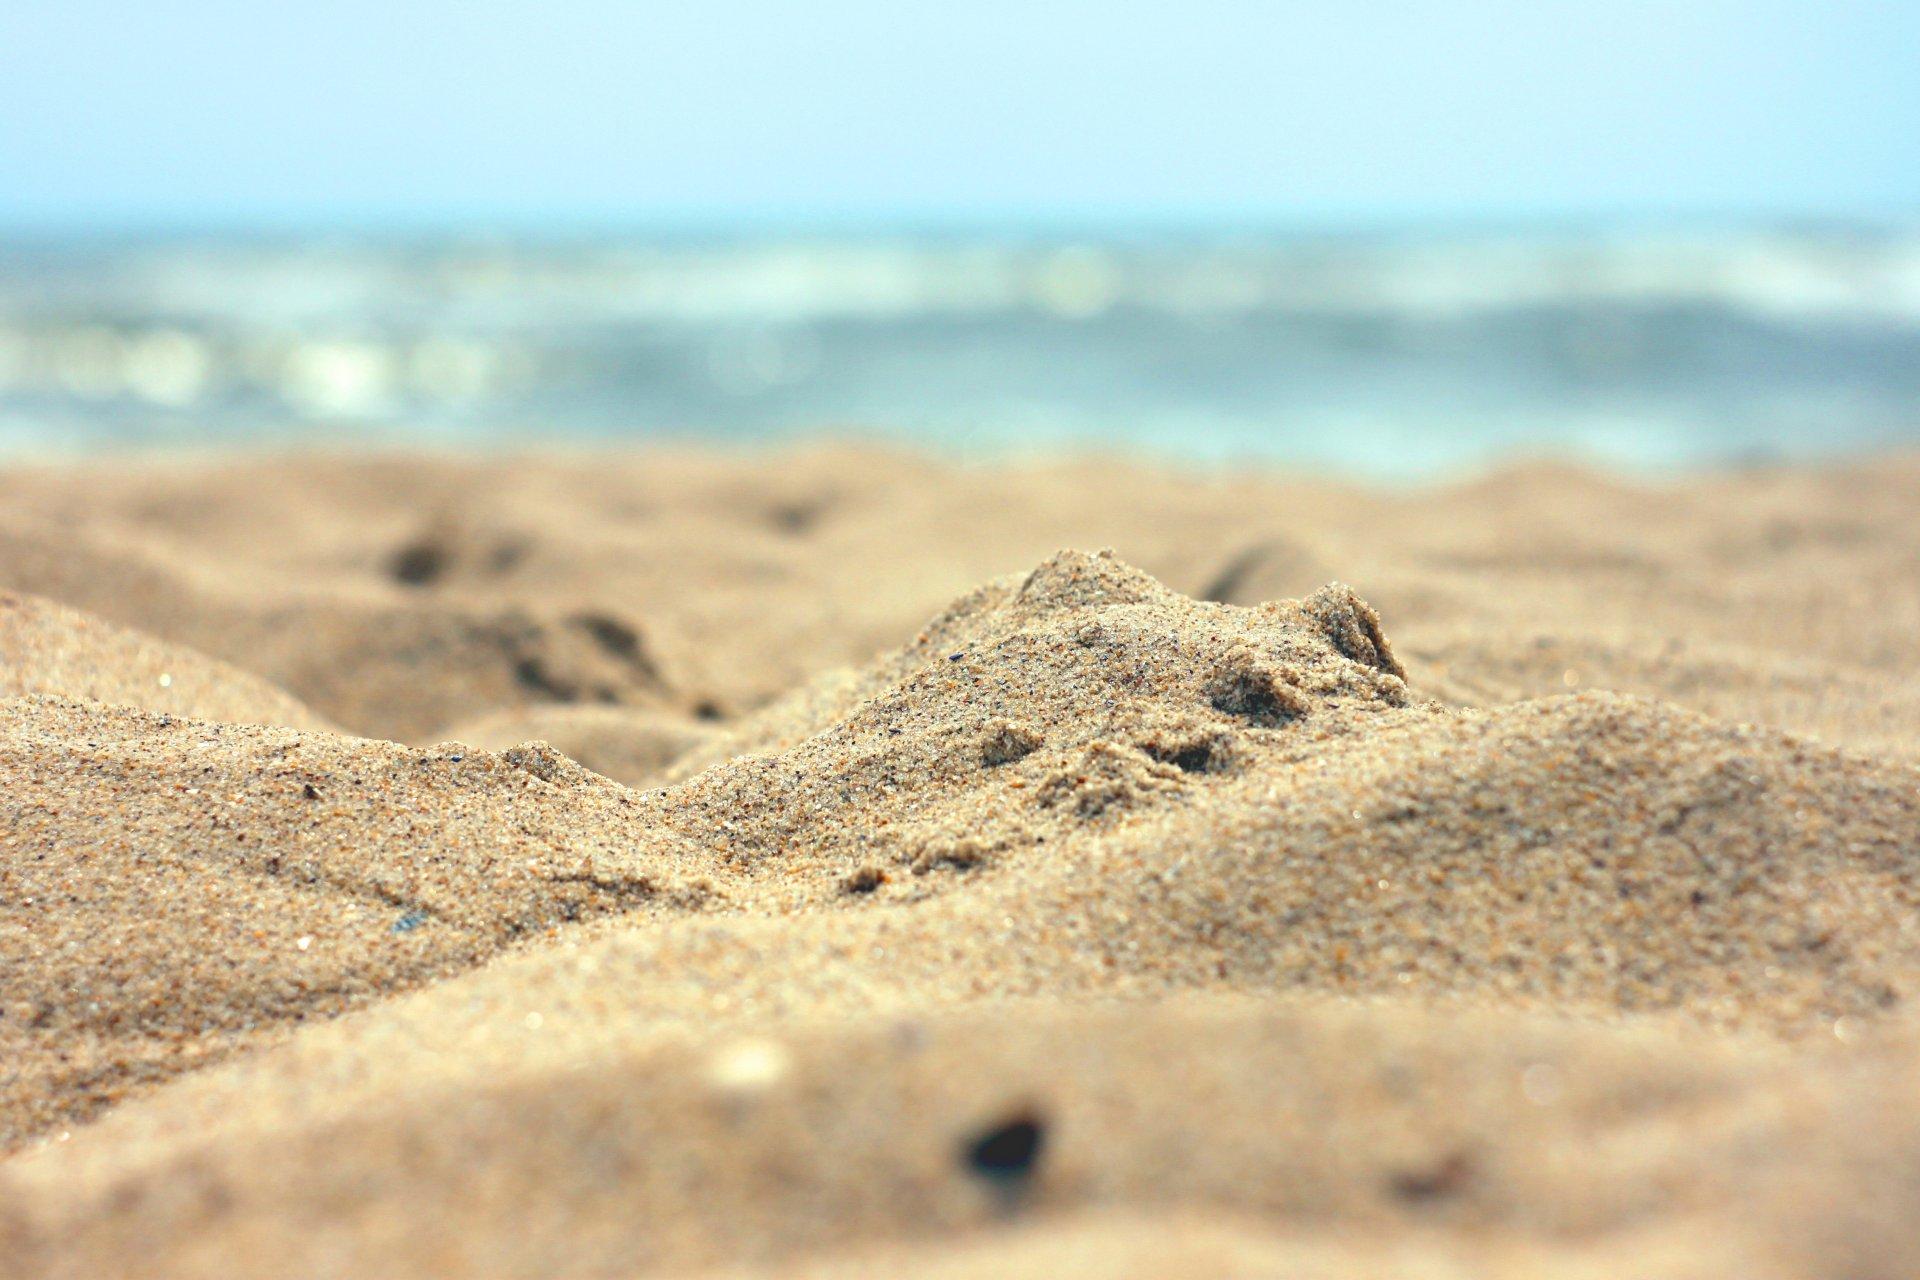 песок на берегу моря картинки настойчивый начал